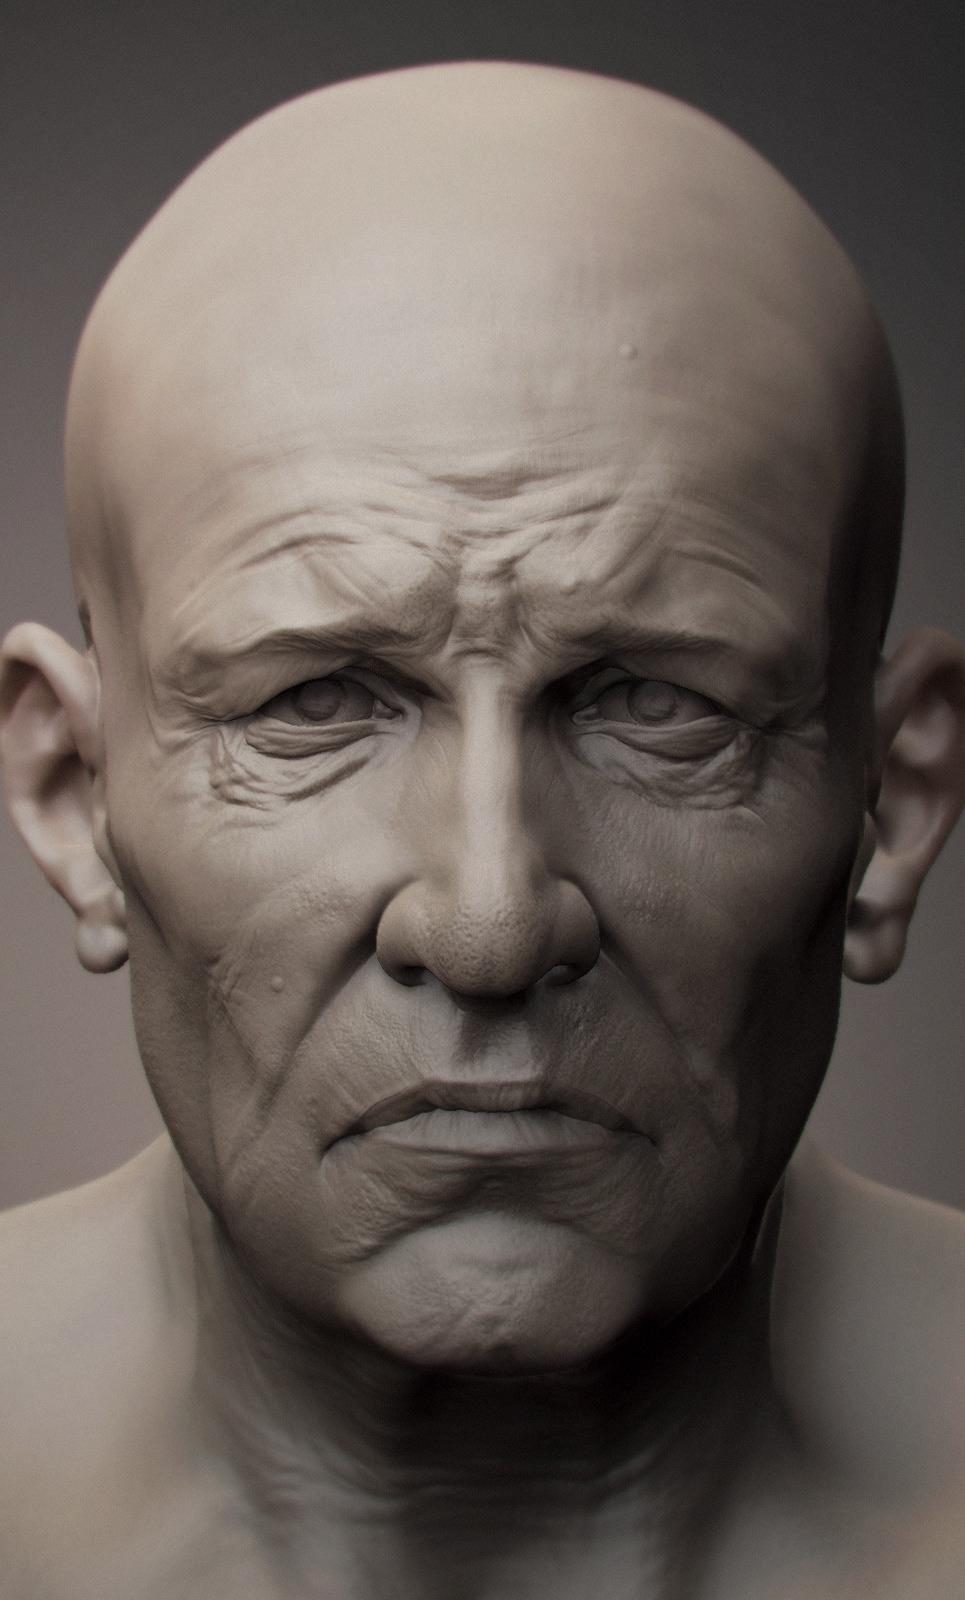 Miner sculpted portrait show